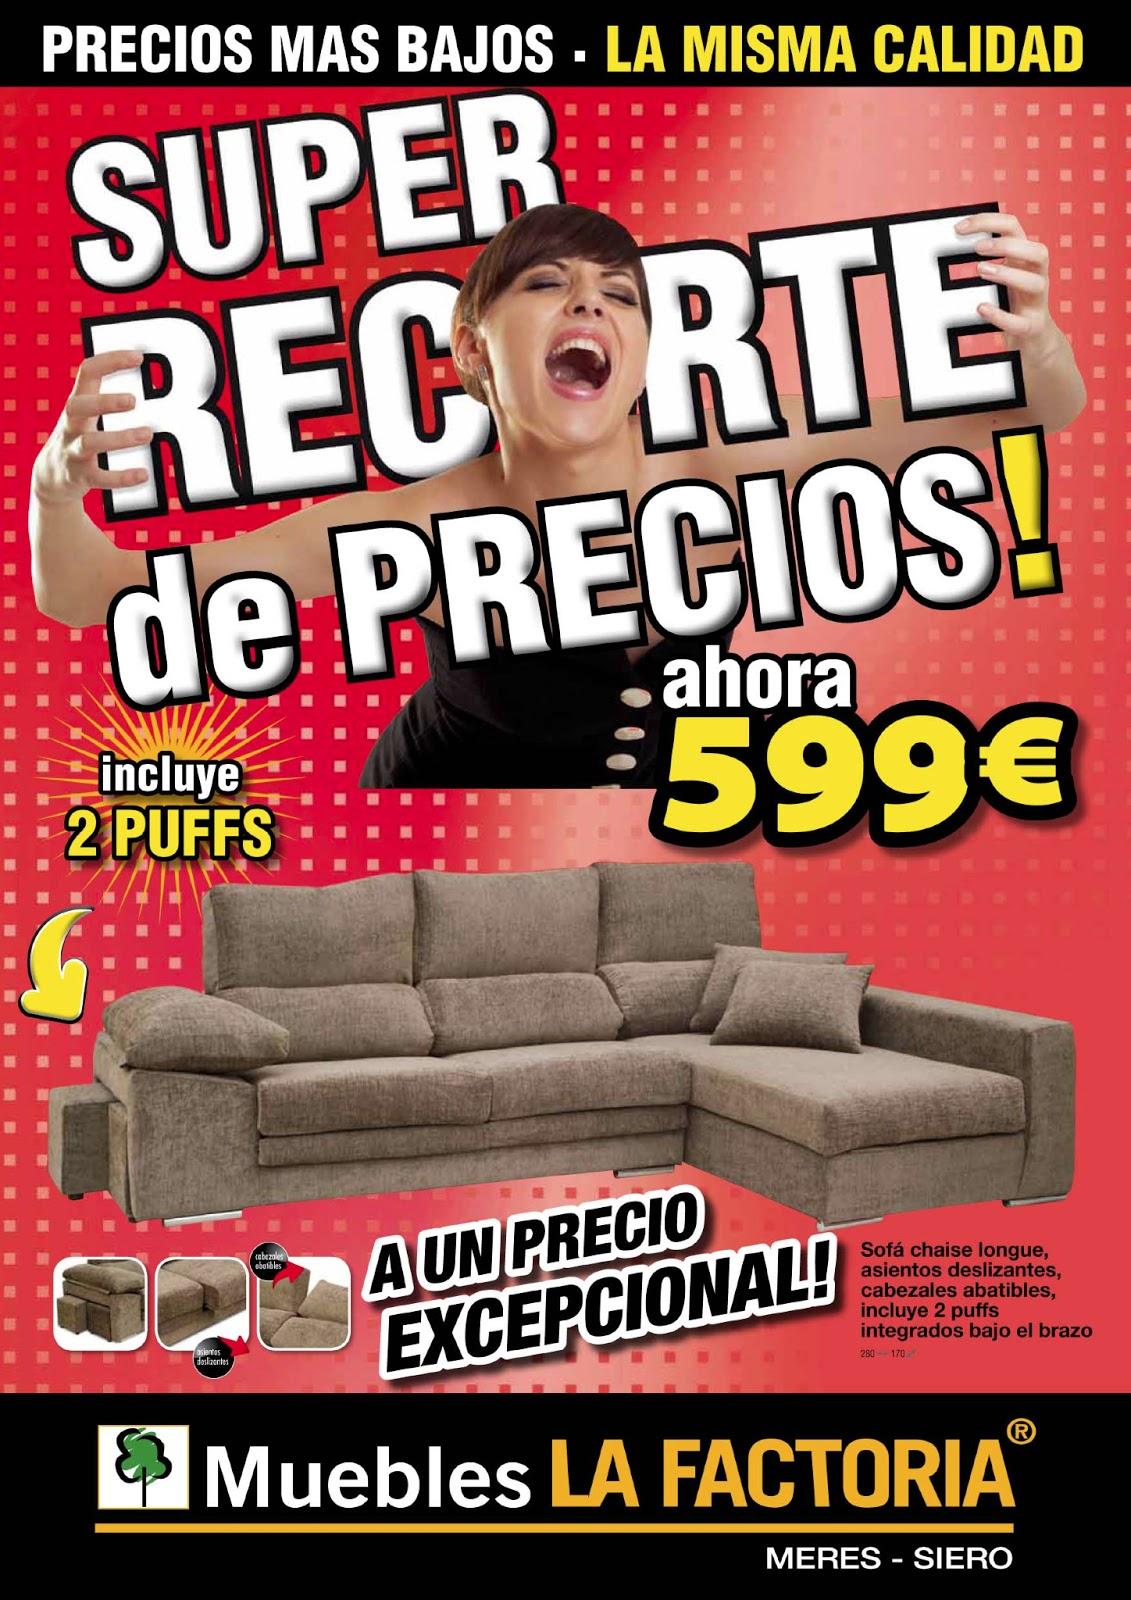 muebles la factoria martacorgo On muebles la factoria meres siero